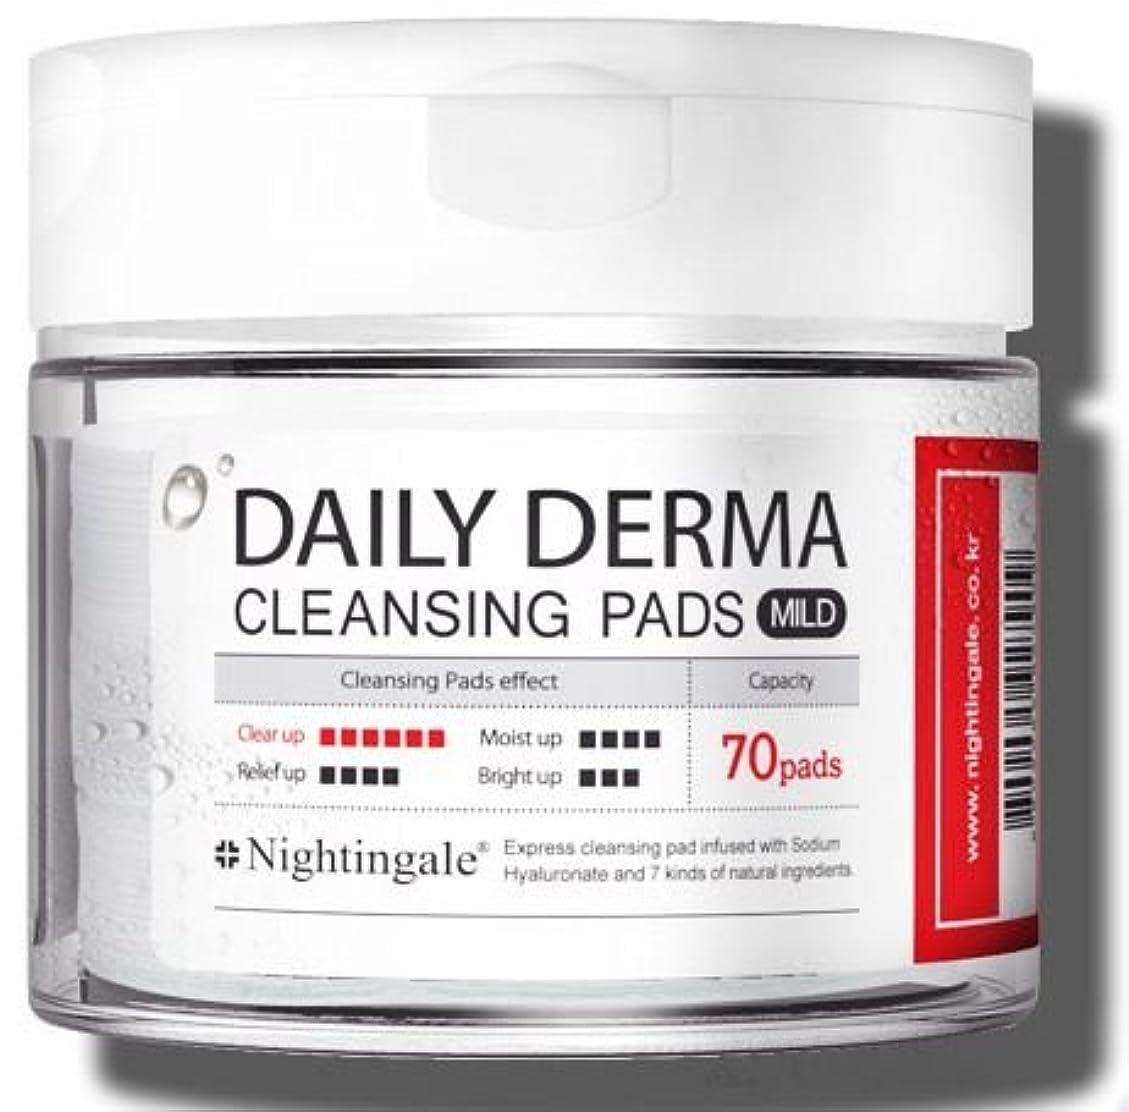 機会ライナーシールNightingale Daily Derma Cleansing Pads * Mild * 70pads/ナイチンゲール デイリー ダーマ クレンジング パッド * マイルド * 70枚入り [並行輸入品]